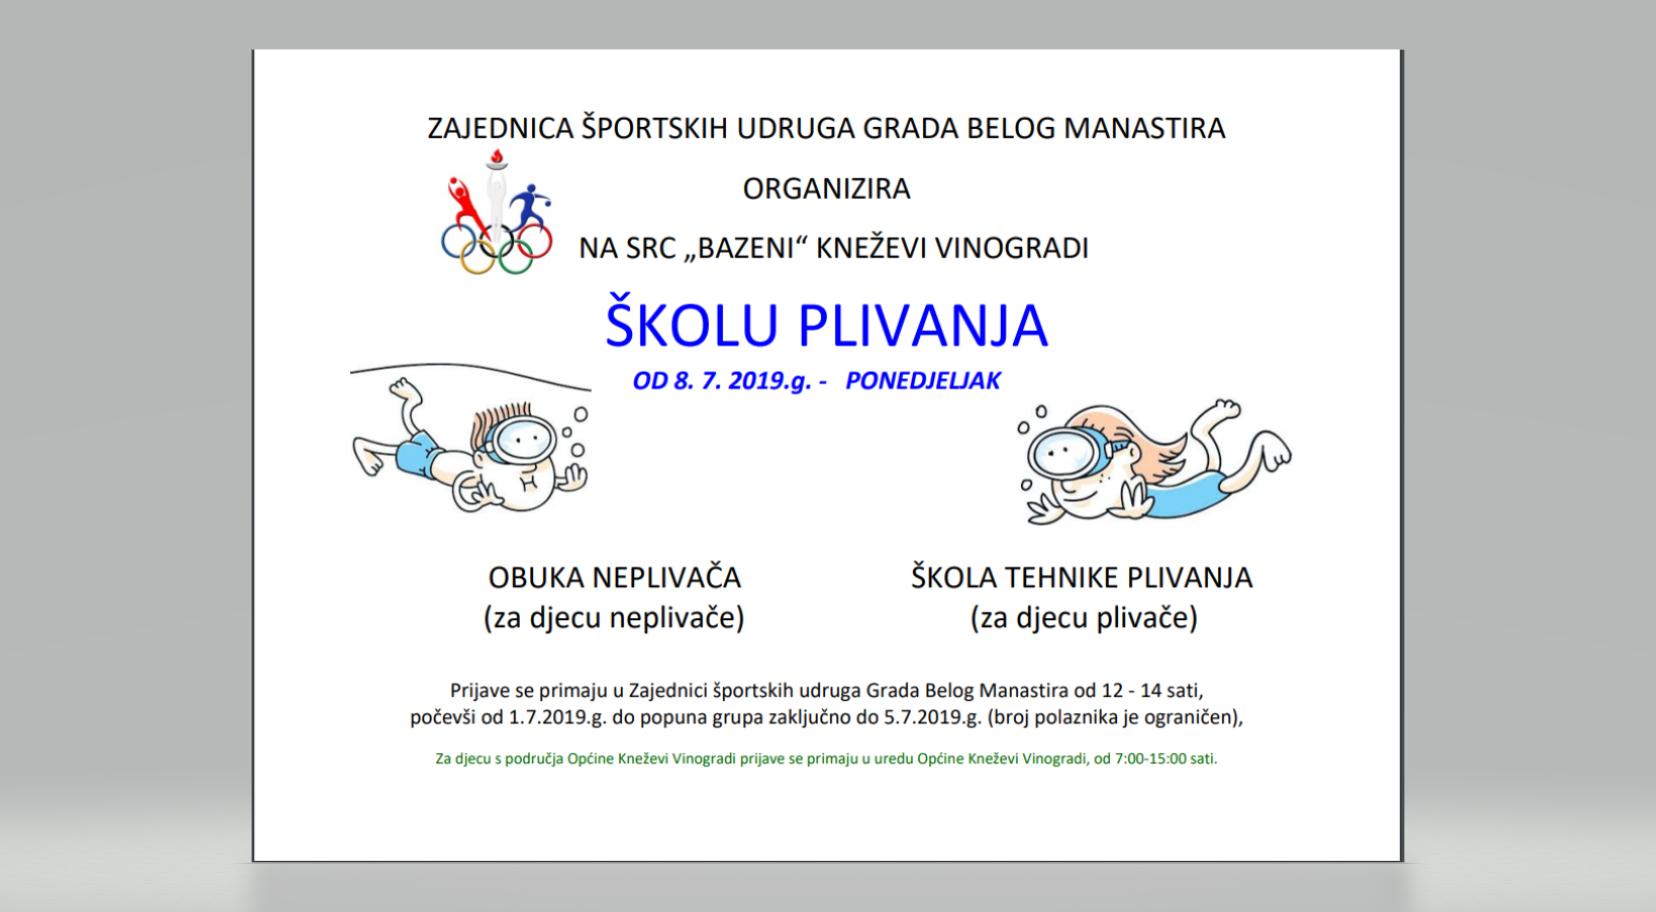 HRVATSKA PLIVA 2020. GODINA